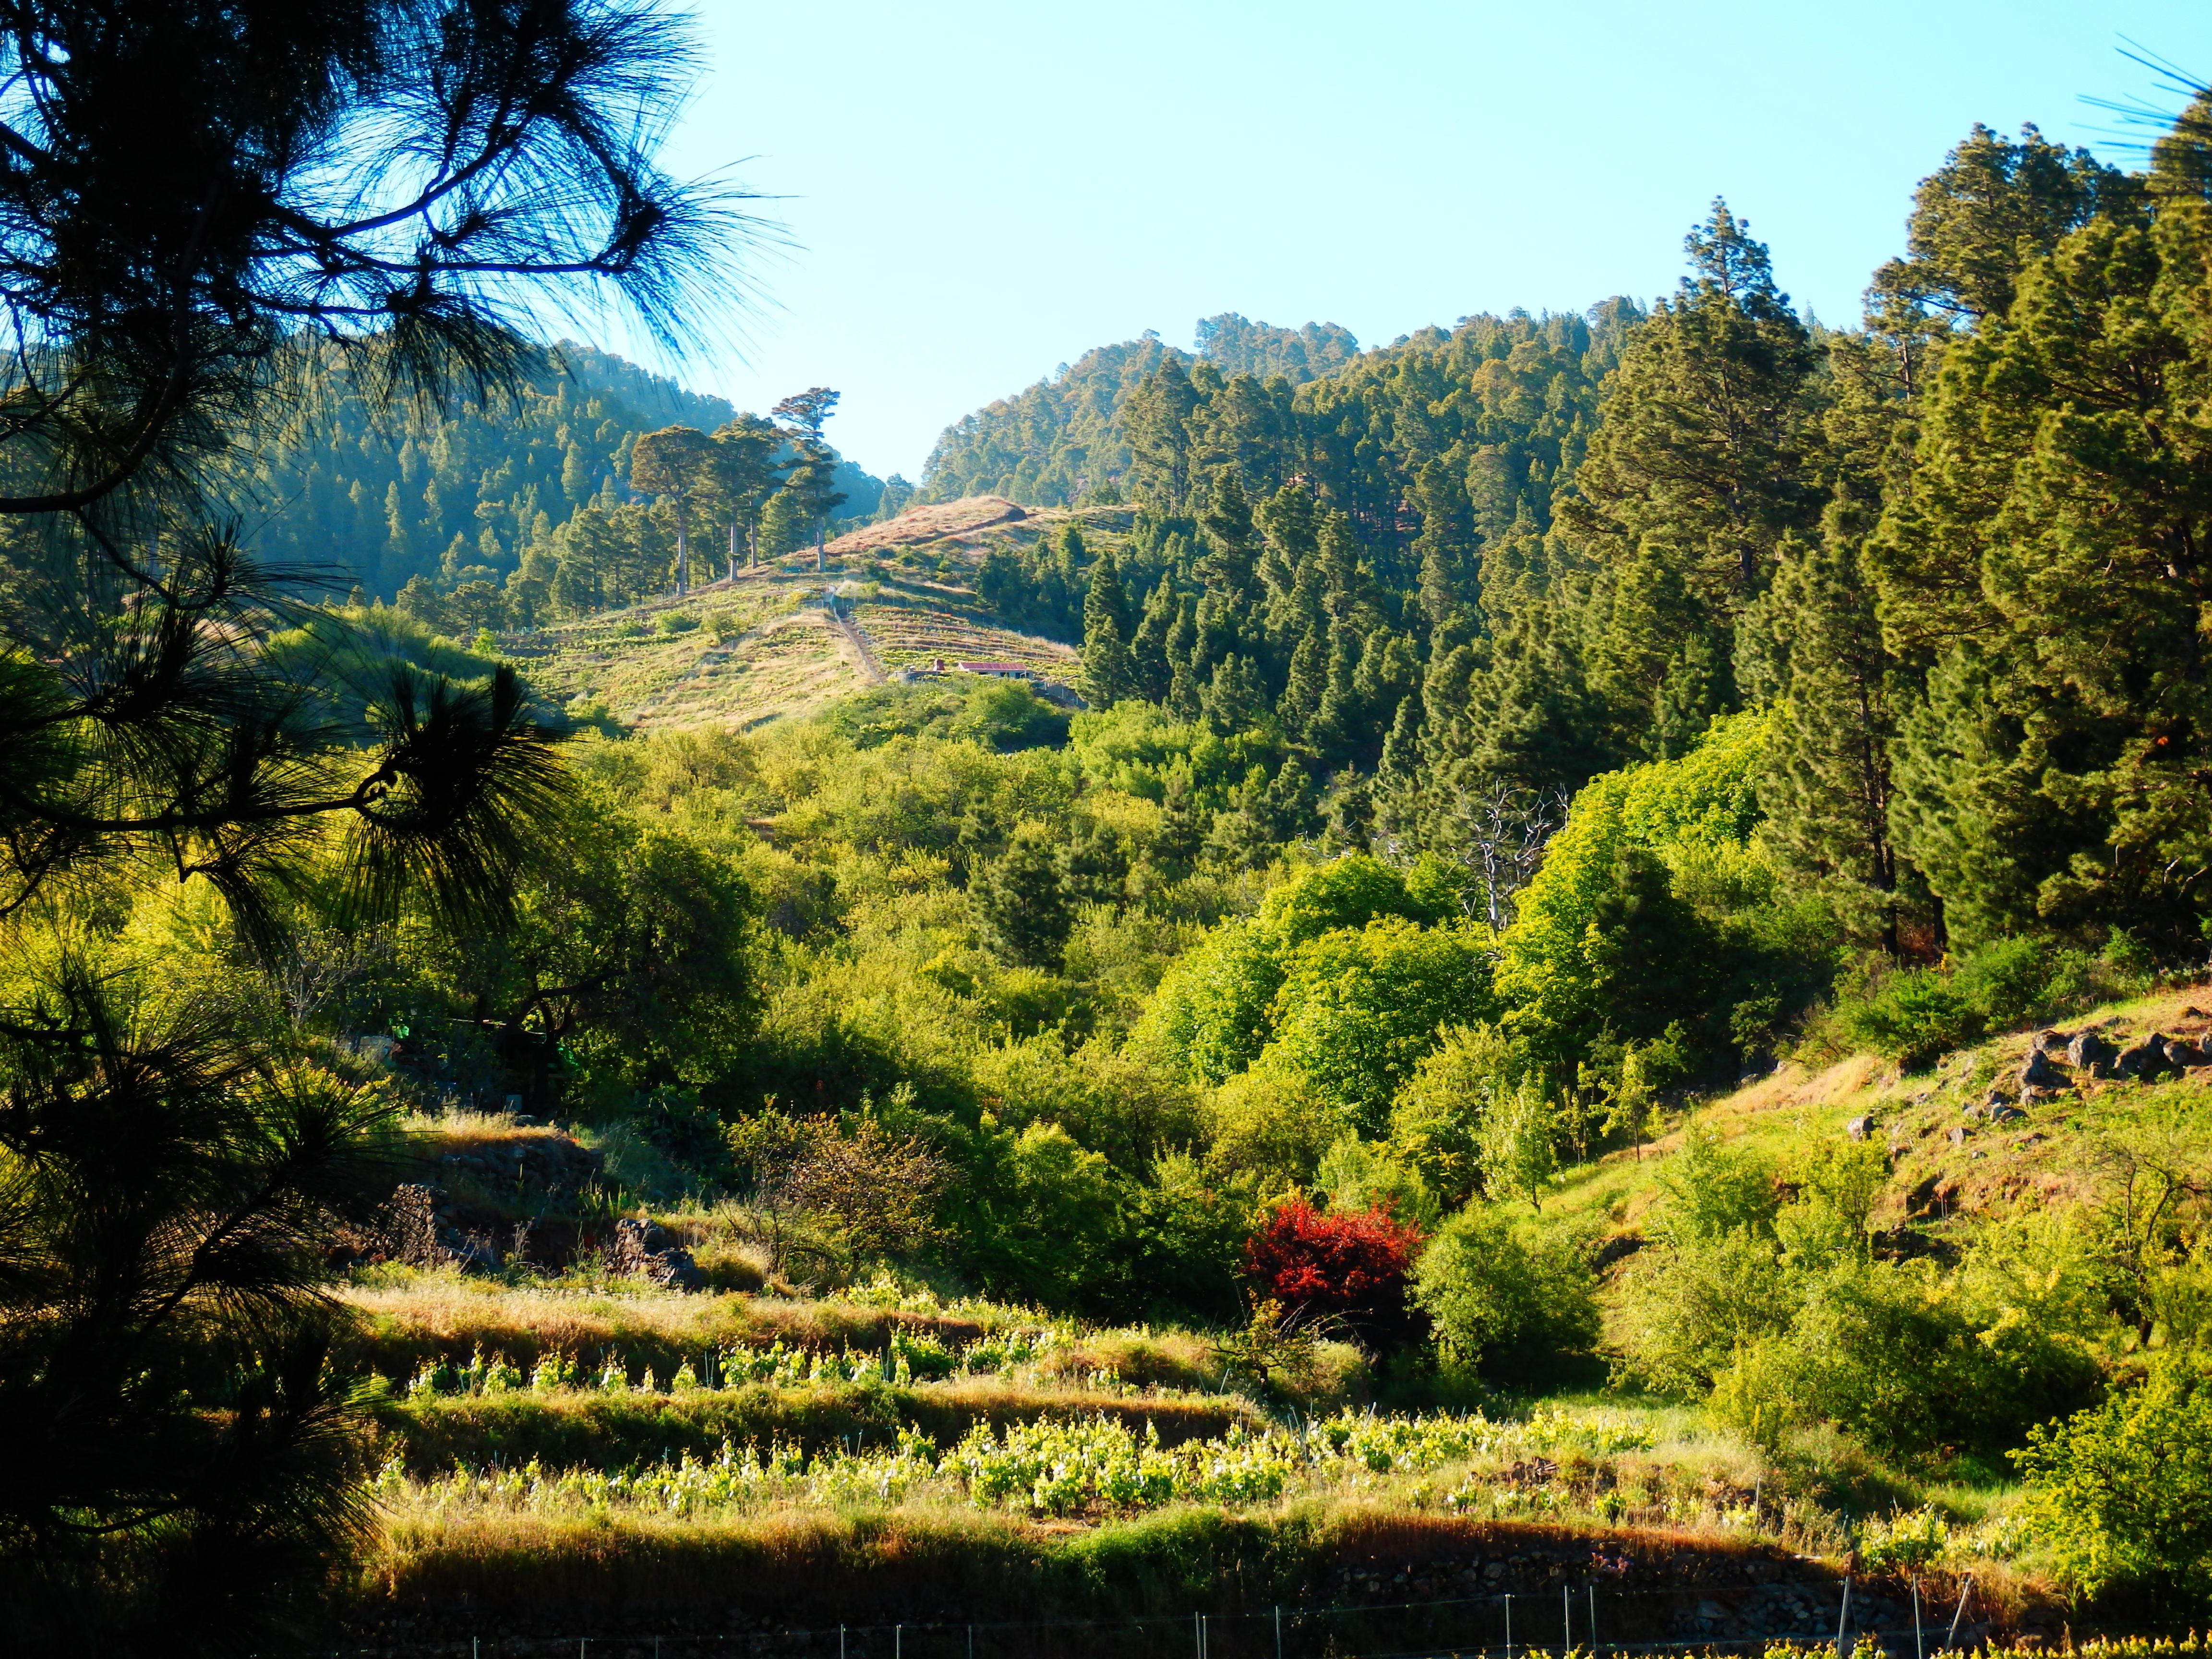 Tussen Briesta en Refugio Tinizara veel wijnbouw langs de Traviesa prlp 10